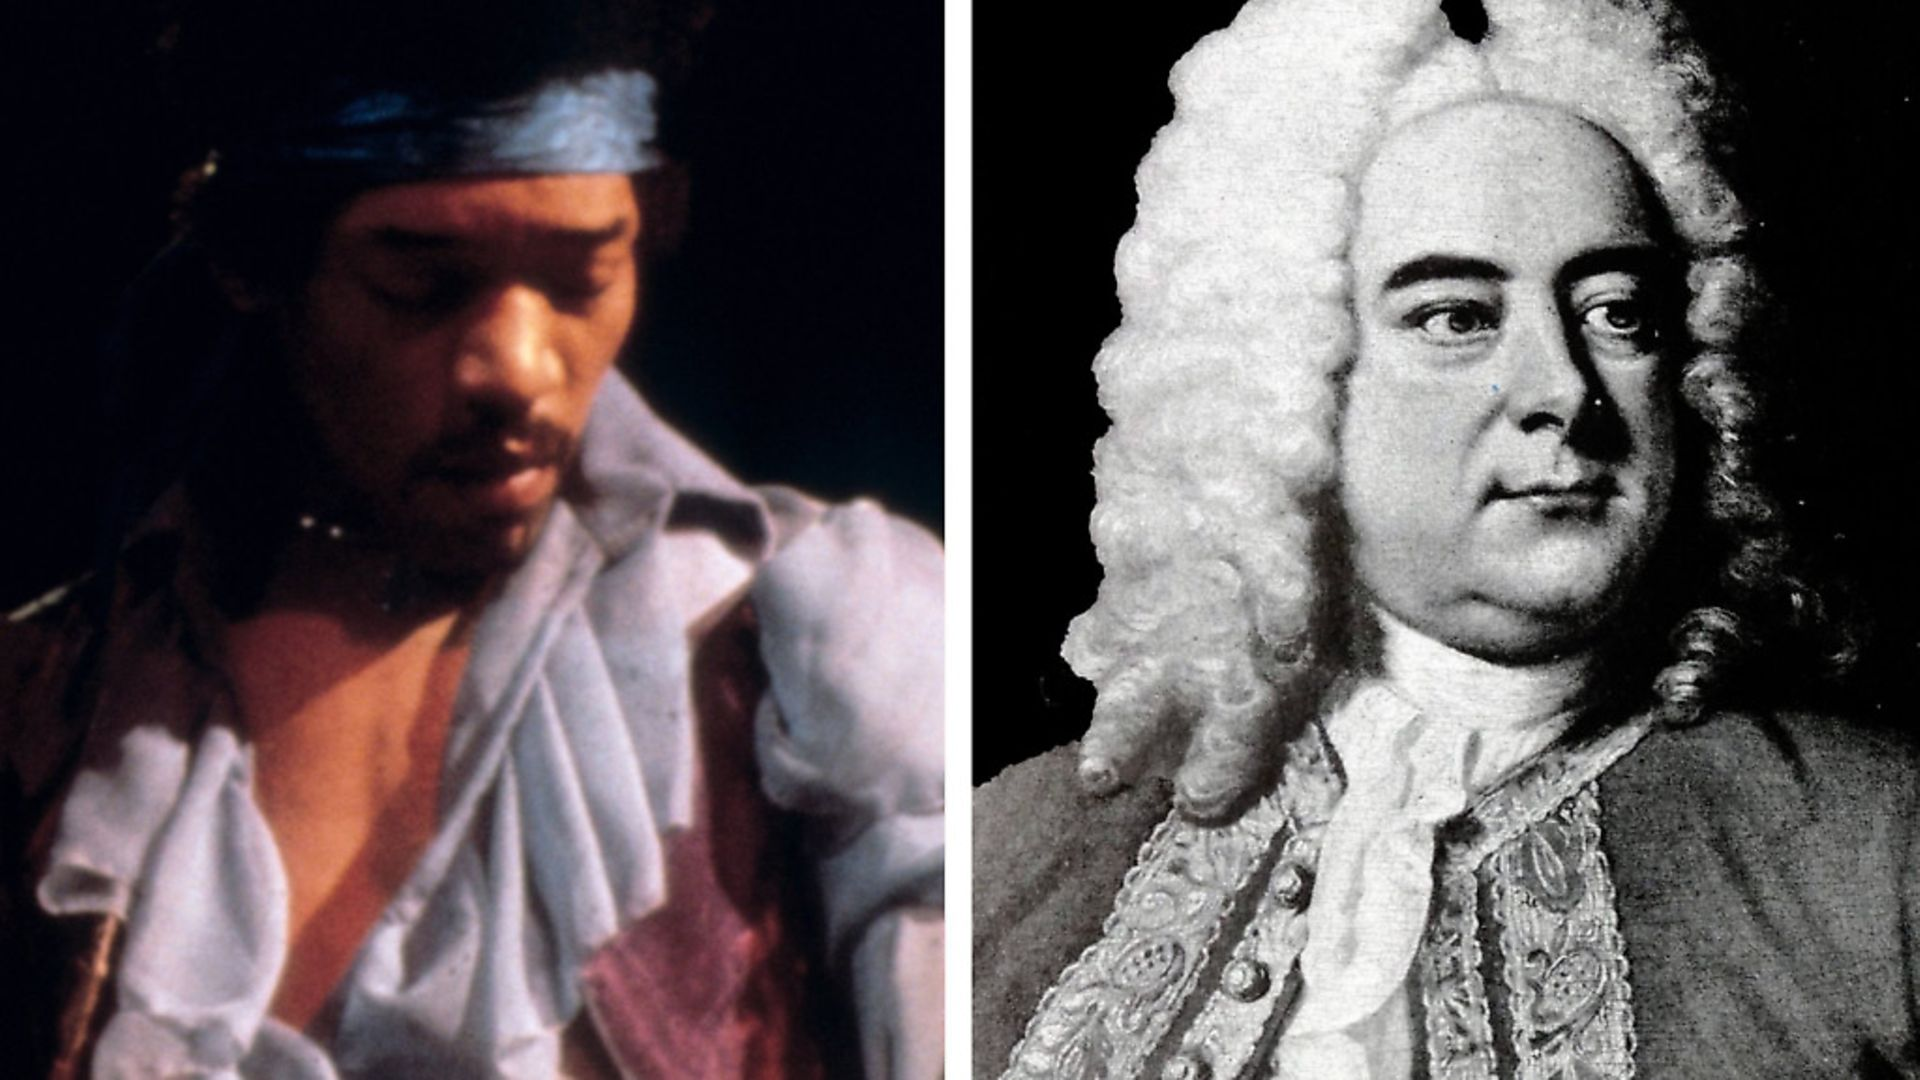 Jimi Hendrix and Handel - Credit: Archant